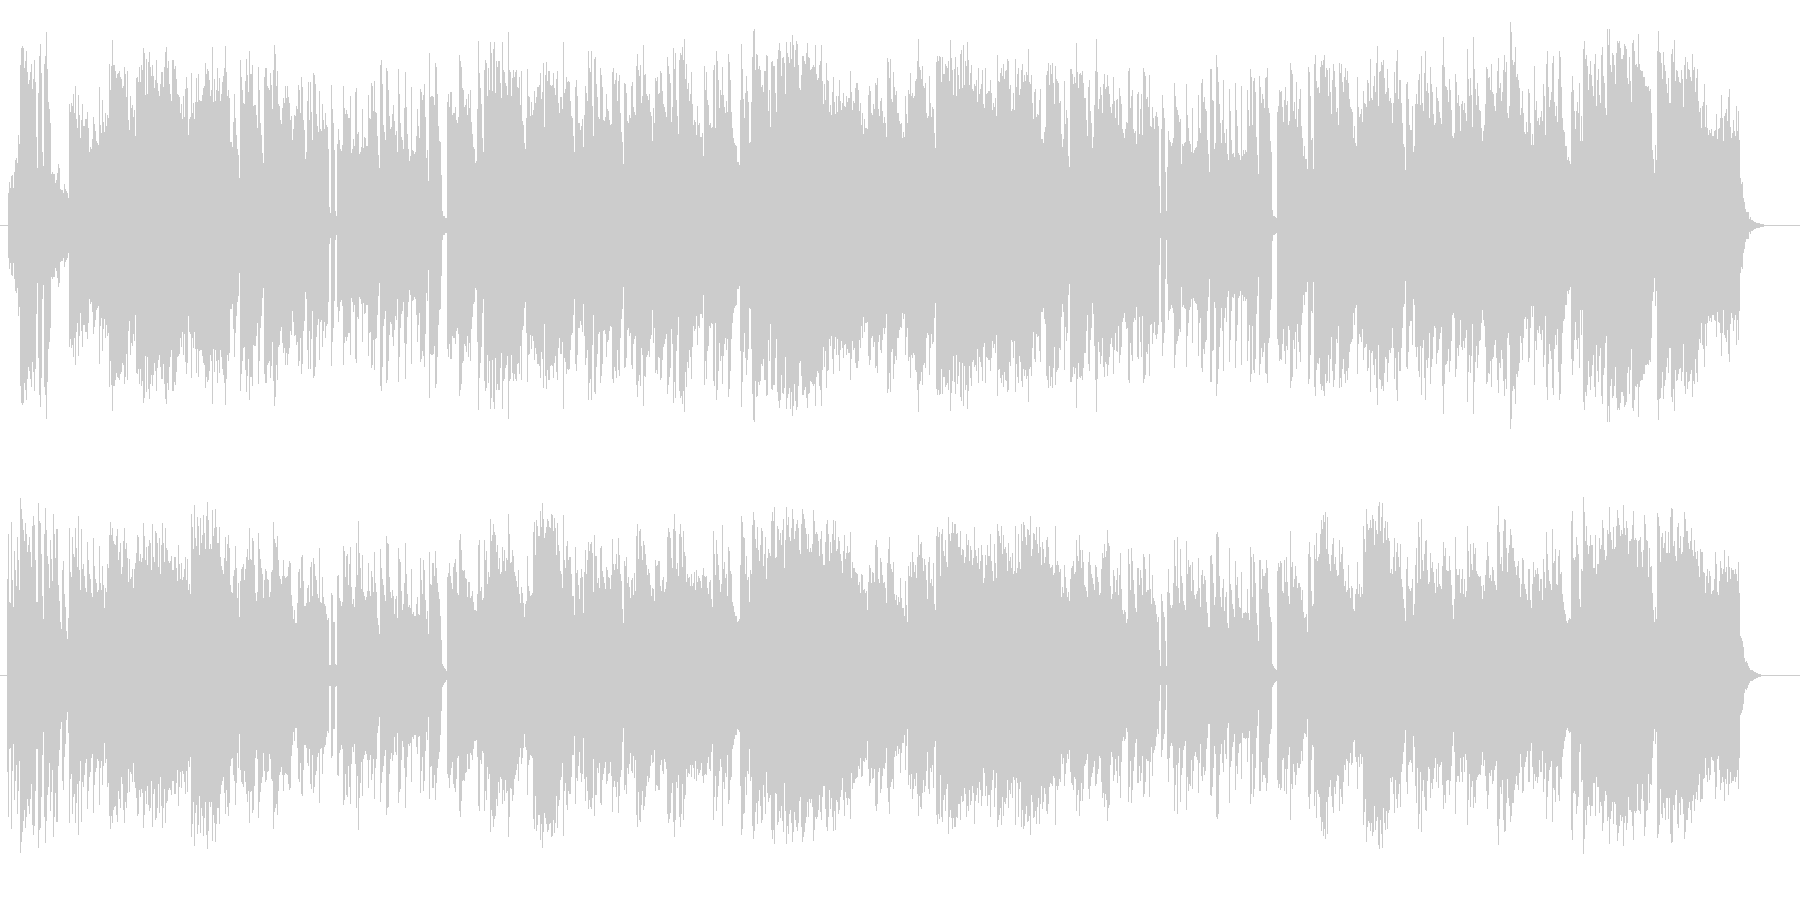 和風の演歌弦管楽器シンセサウンドの未再生の波形